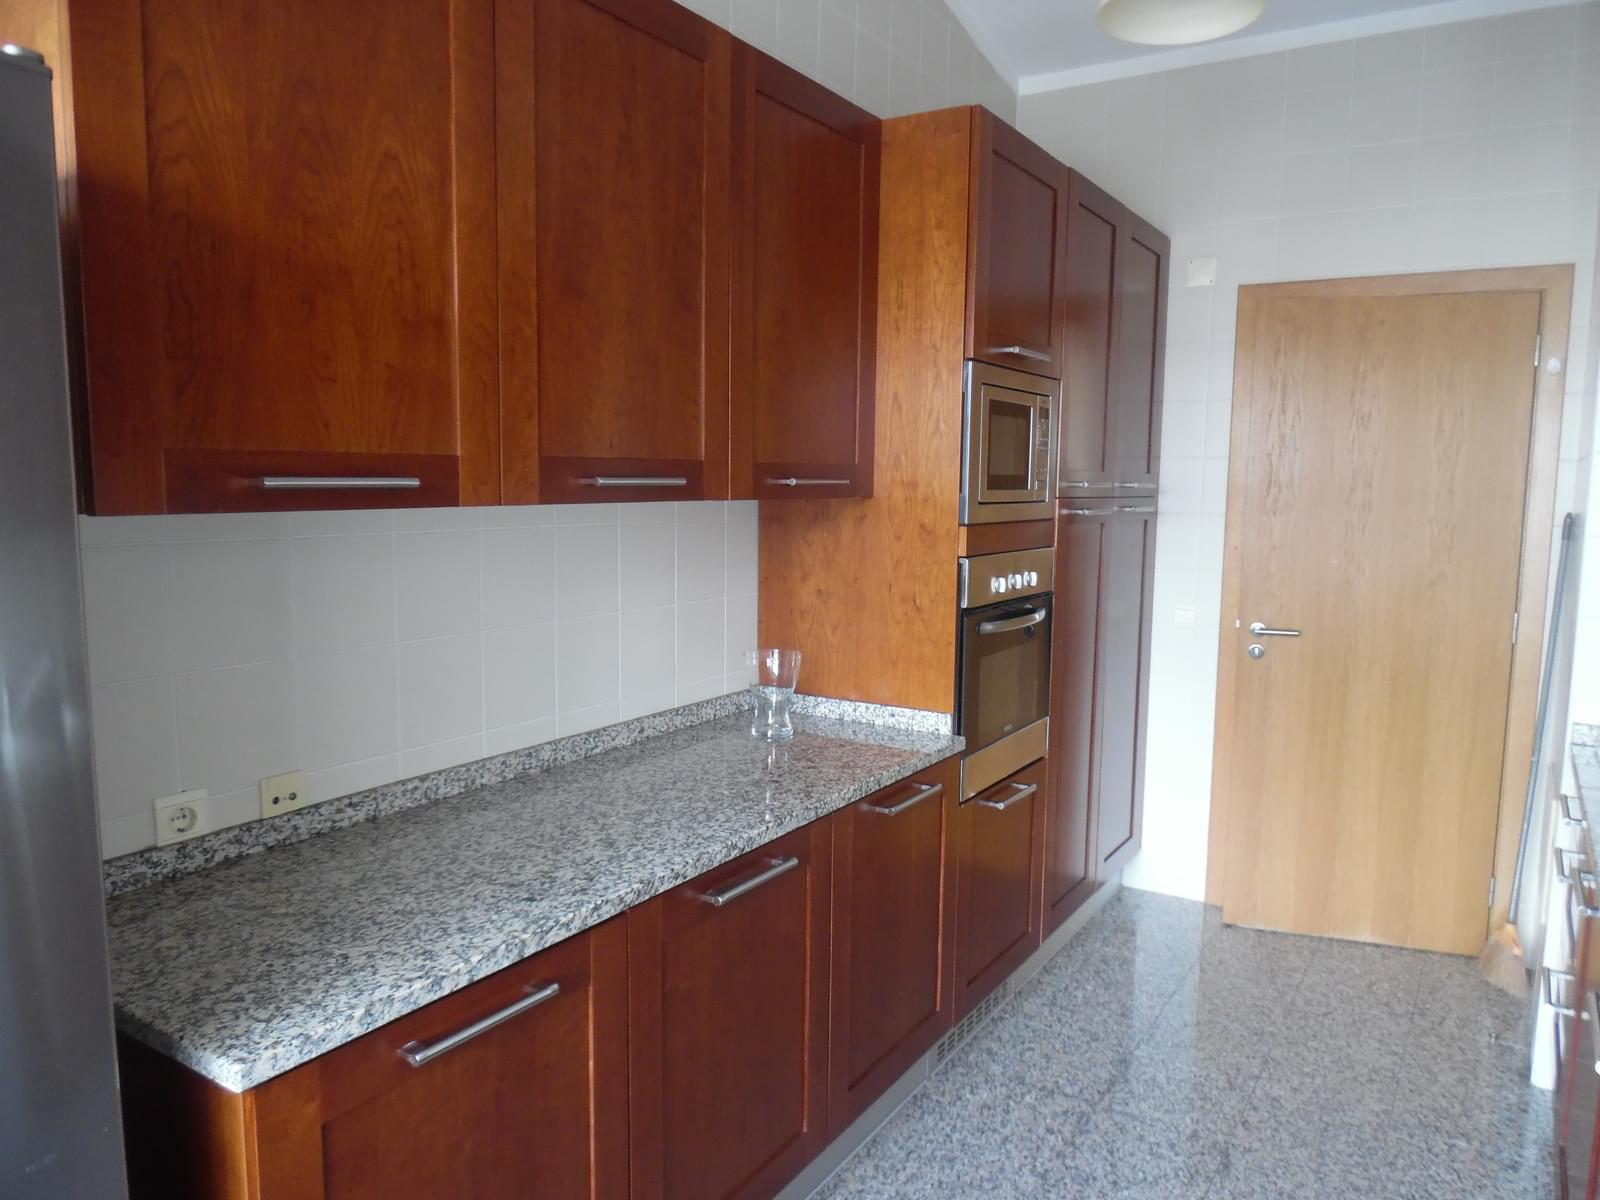 pf18329-apartamento-t1-lisboa-4eb9fac2-b5ac-4339-9eba-1f0686ce79a7